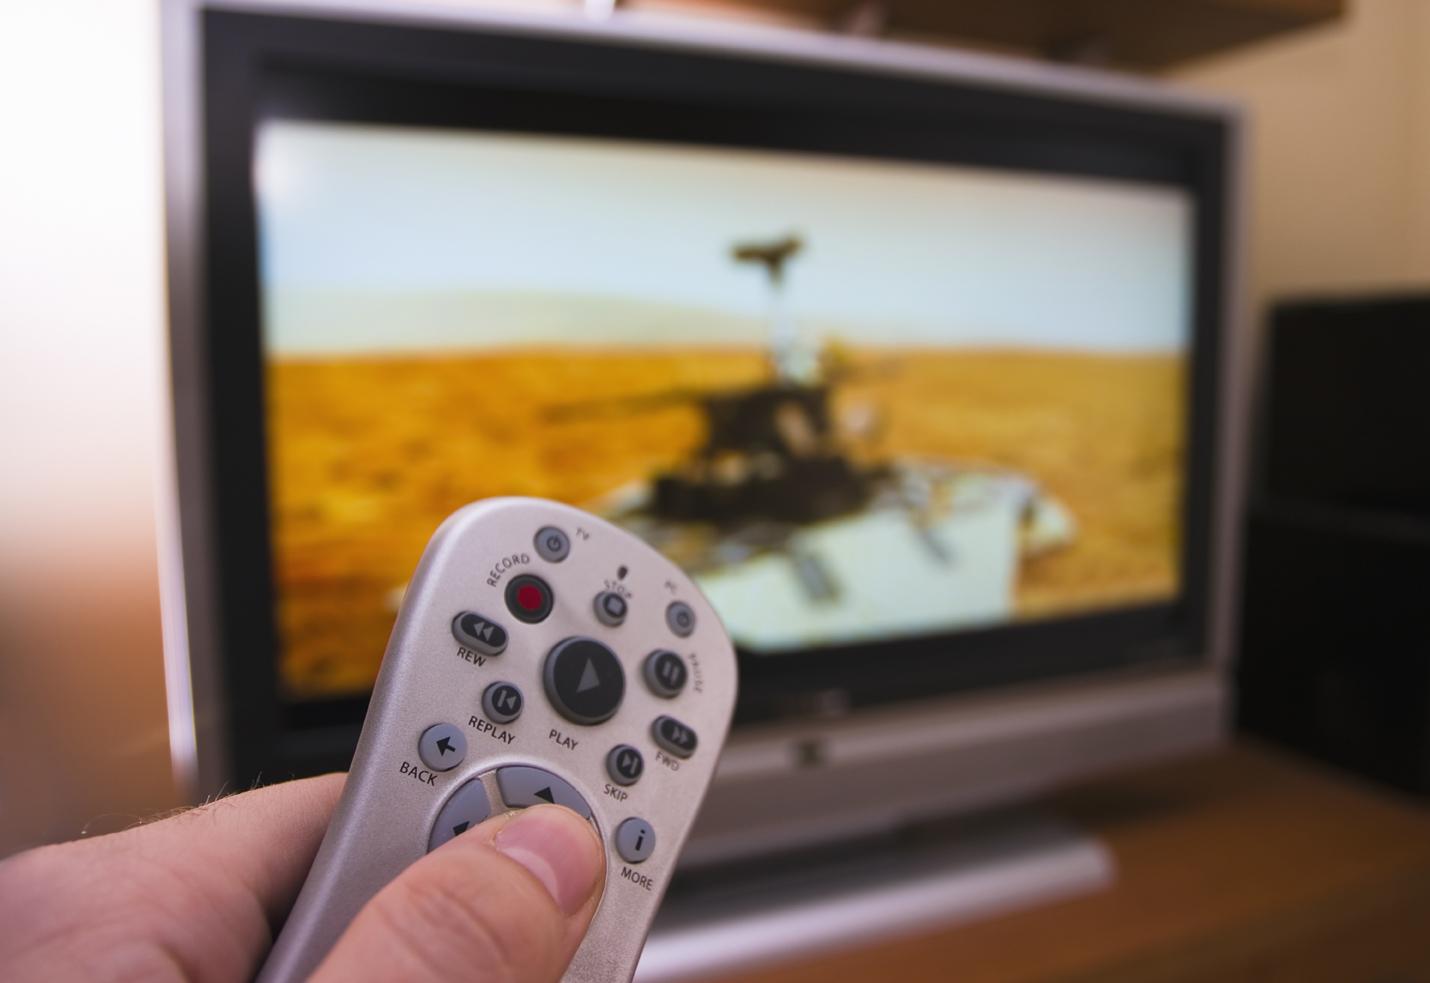 Kiirlaenudega tegelevatele laenupakkujatele Eestis keelati valitsuse poolt reklaami võimalus televisioonis ja raadios.